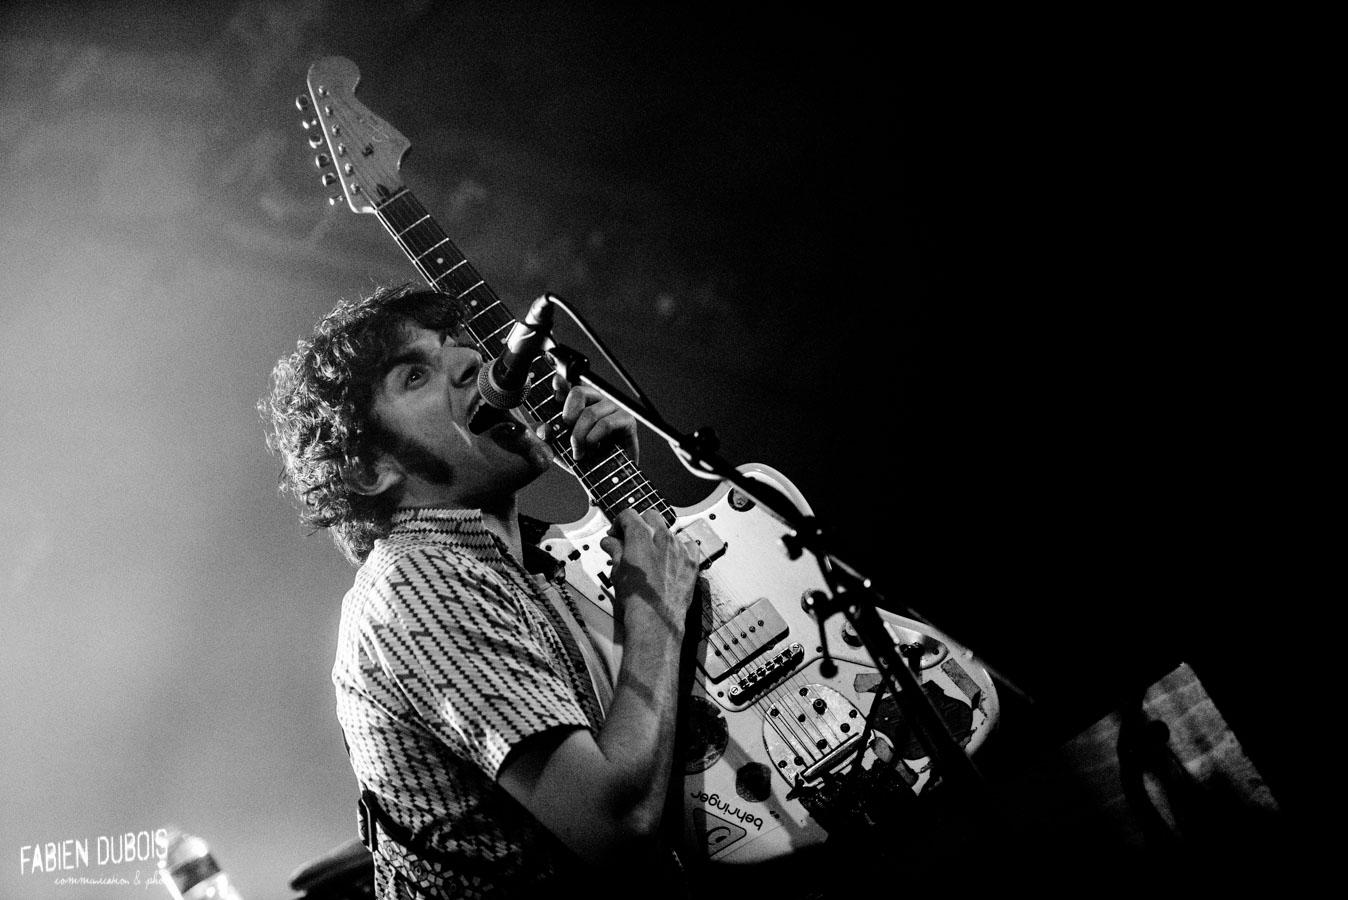 Photo Johnny Mafia Mois Franc Tamponnage Cave à Musique Cavazik Mâcon 2017